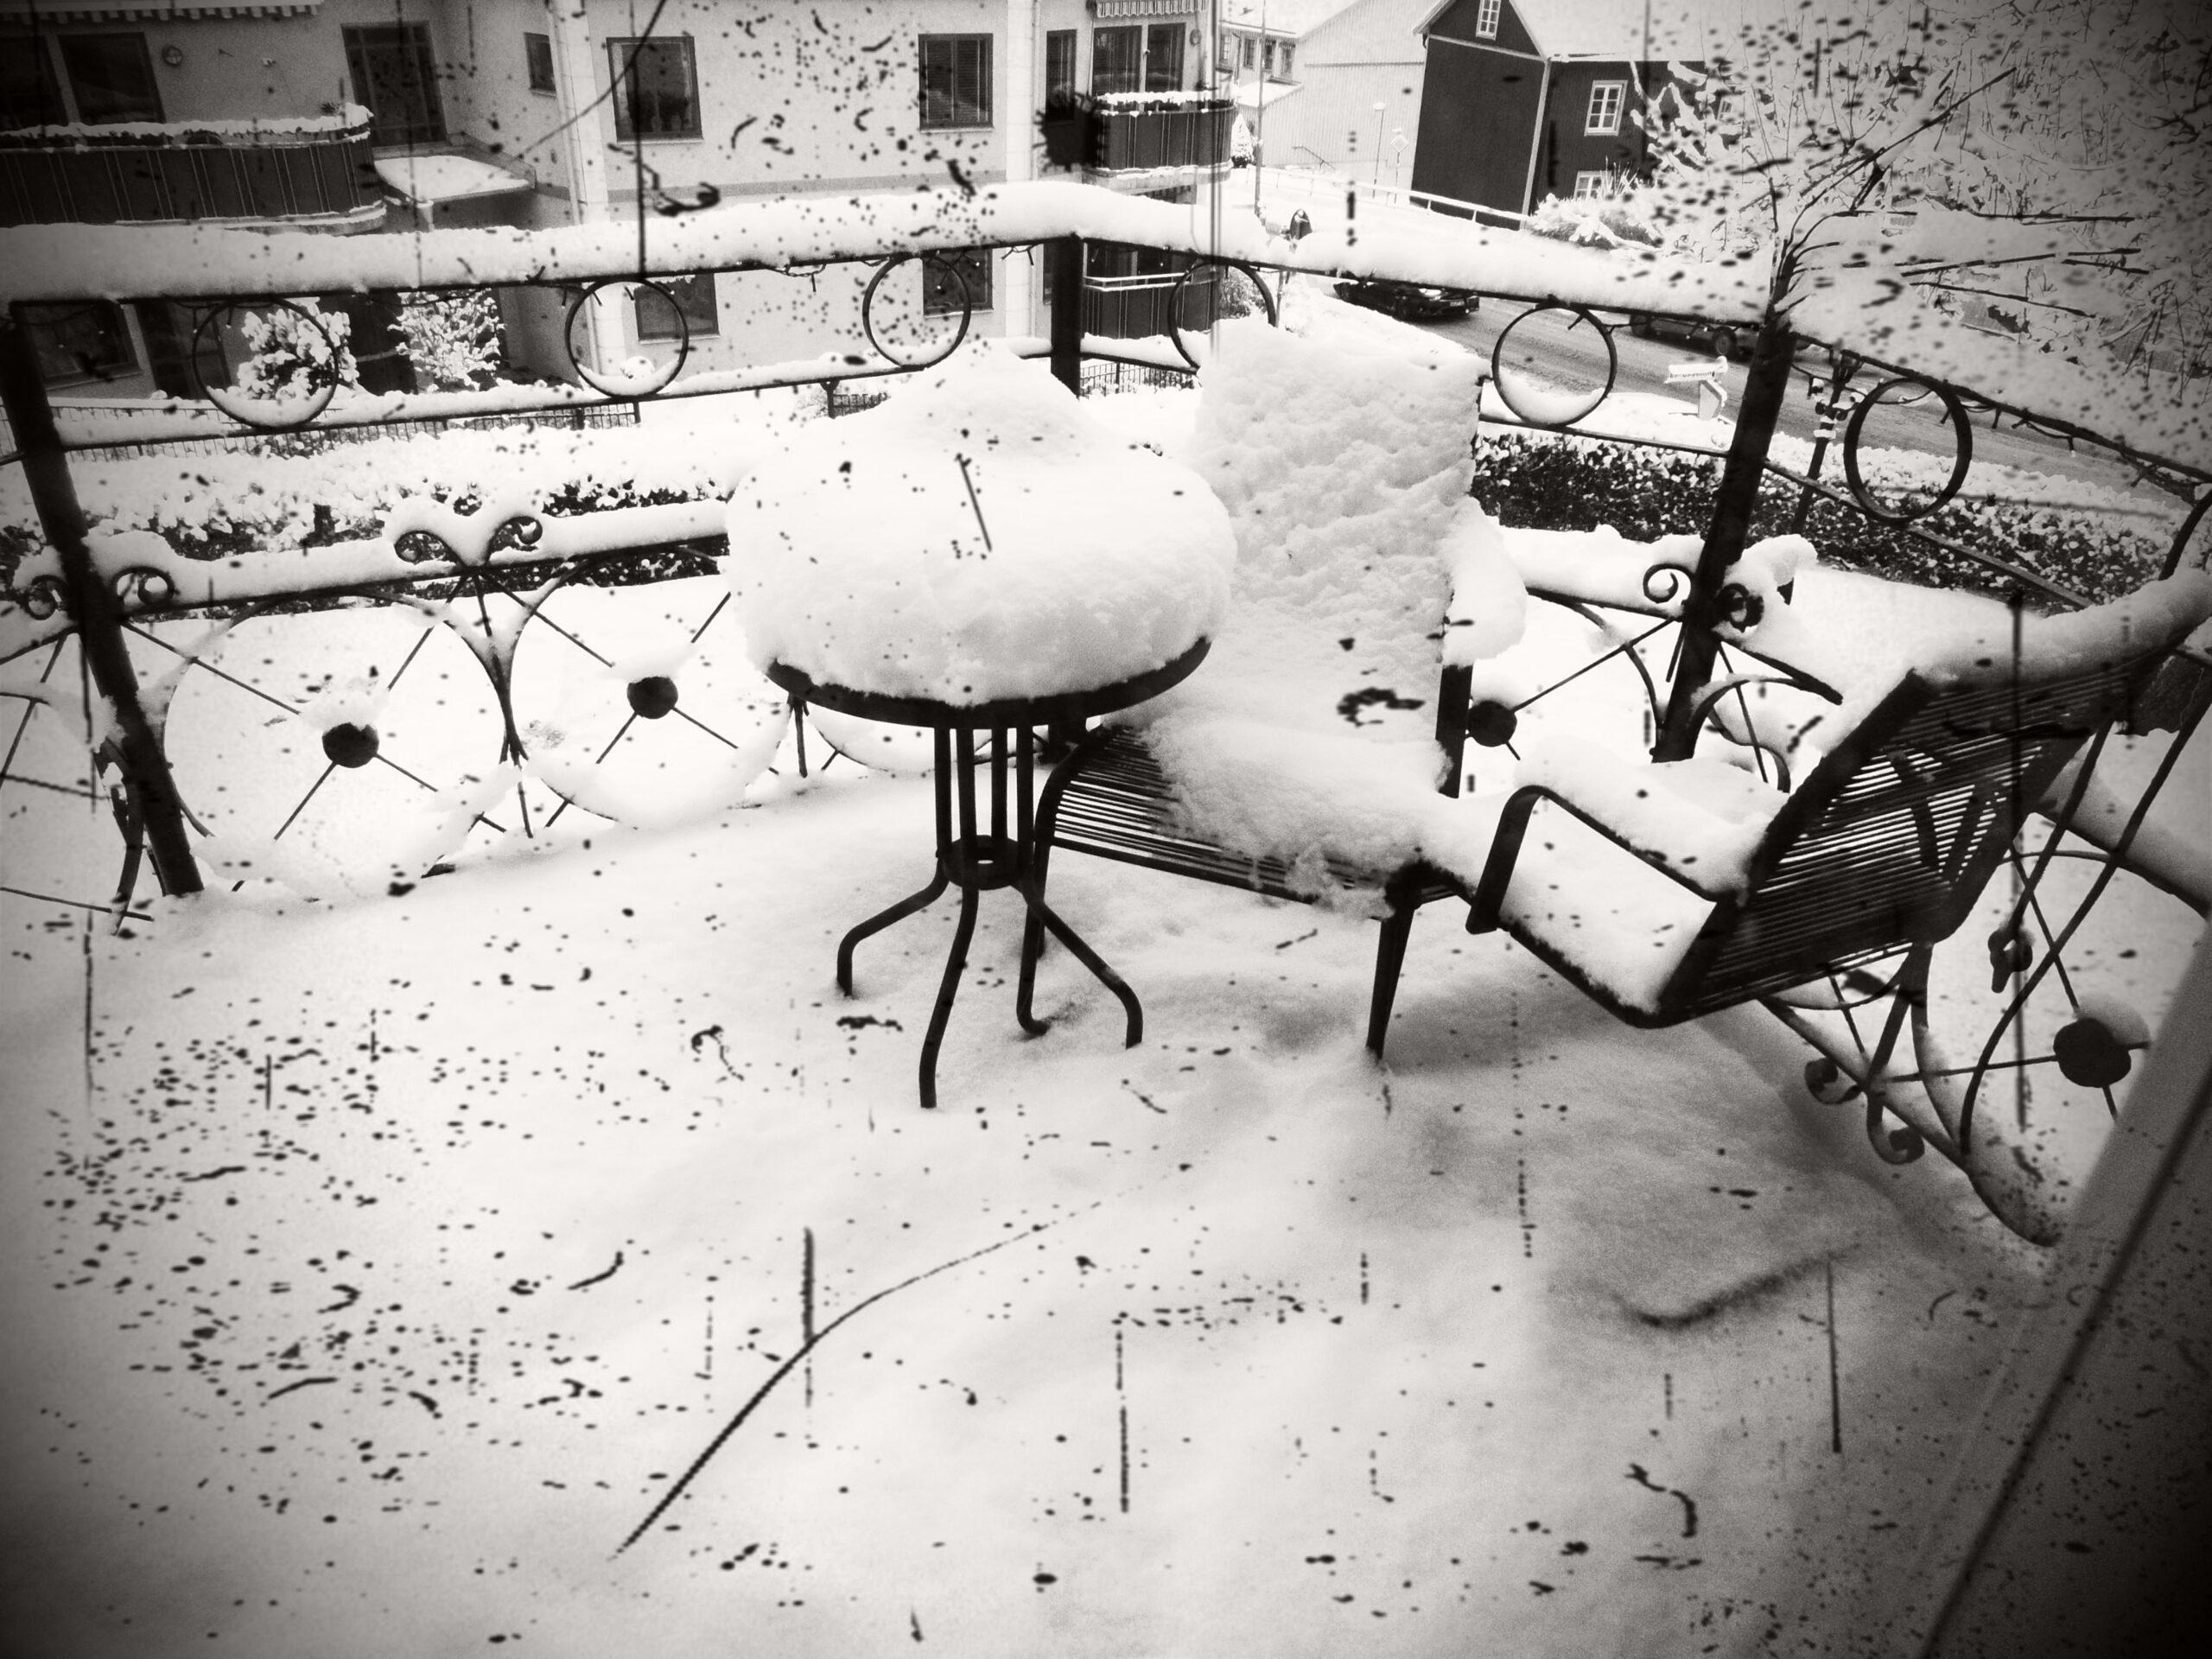 Snön faller…